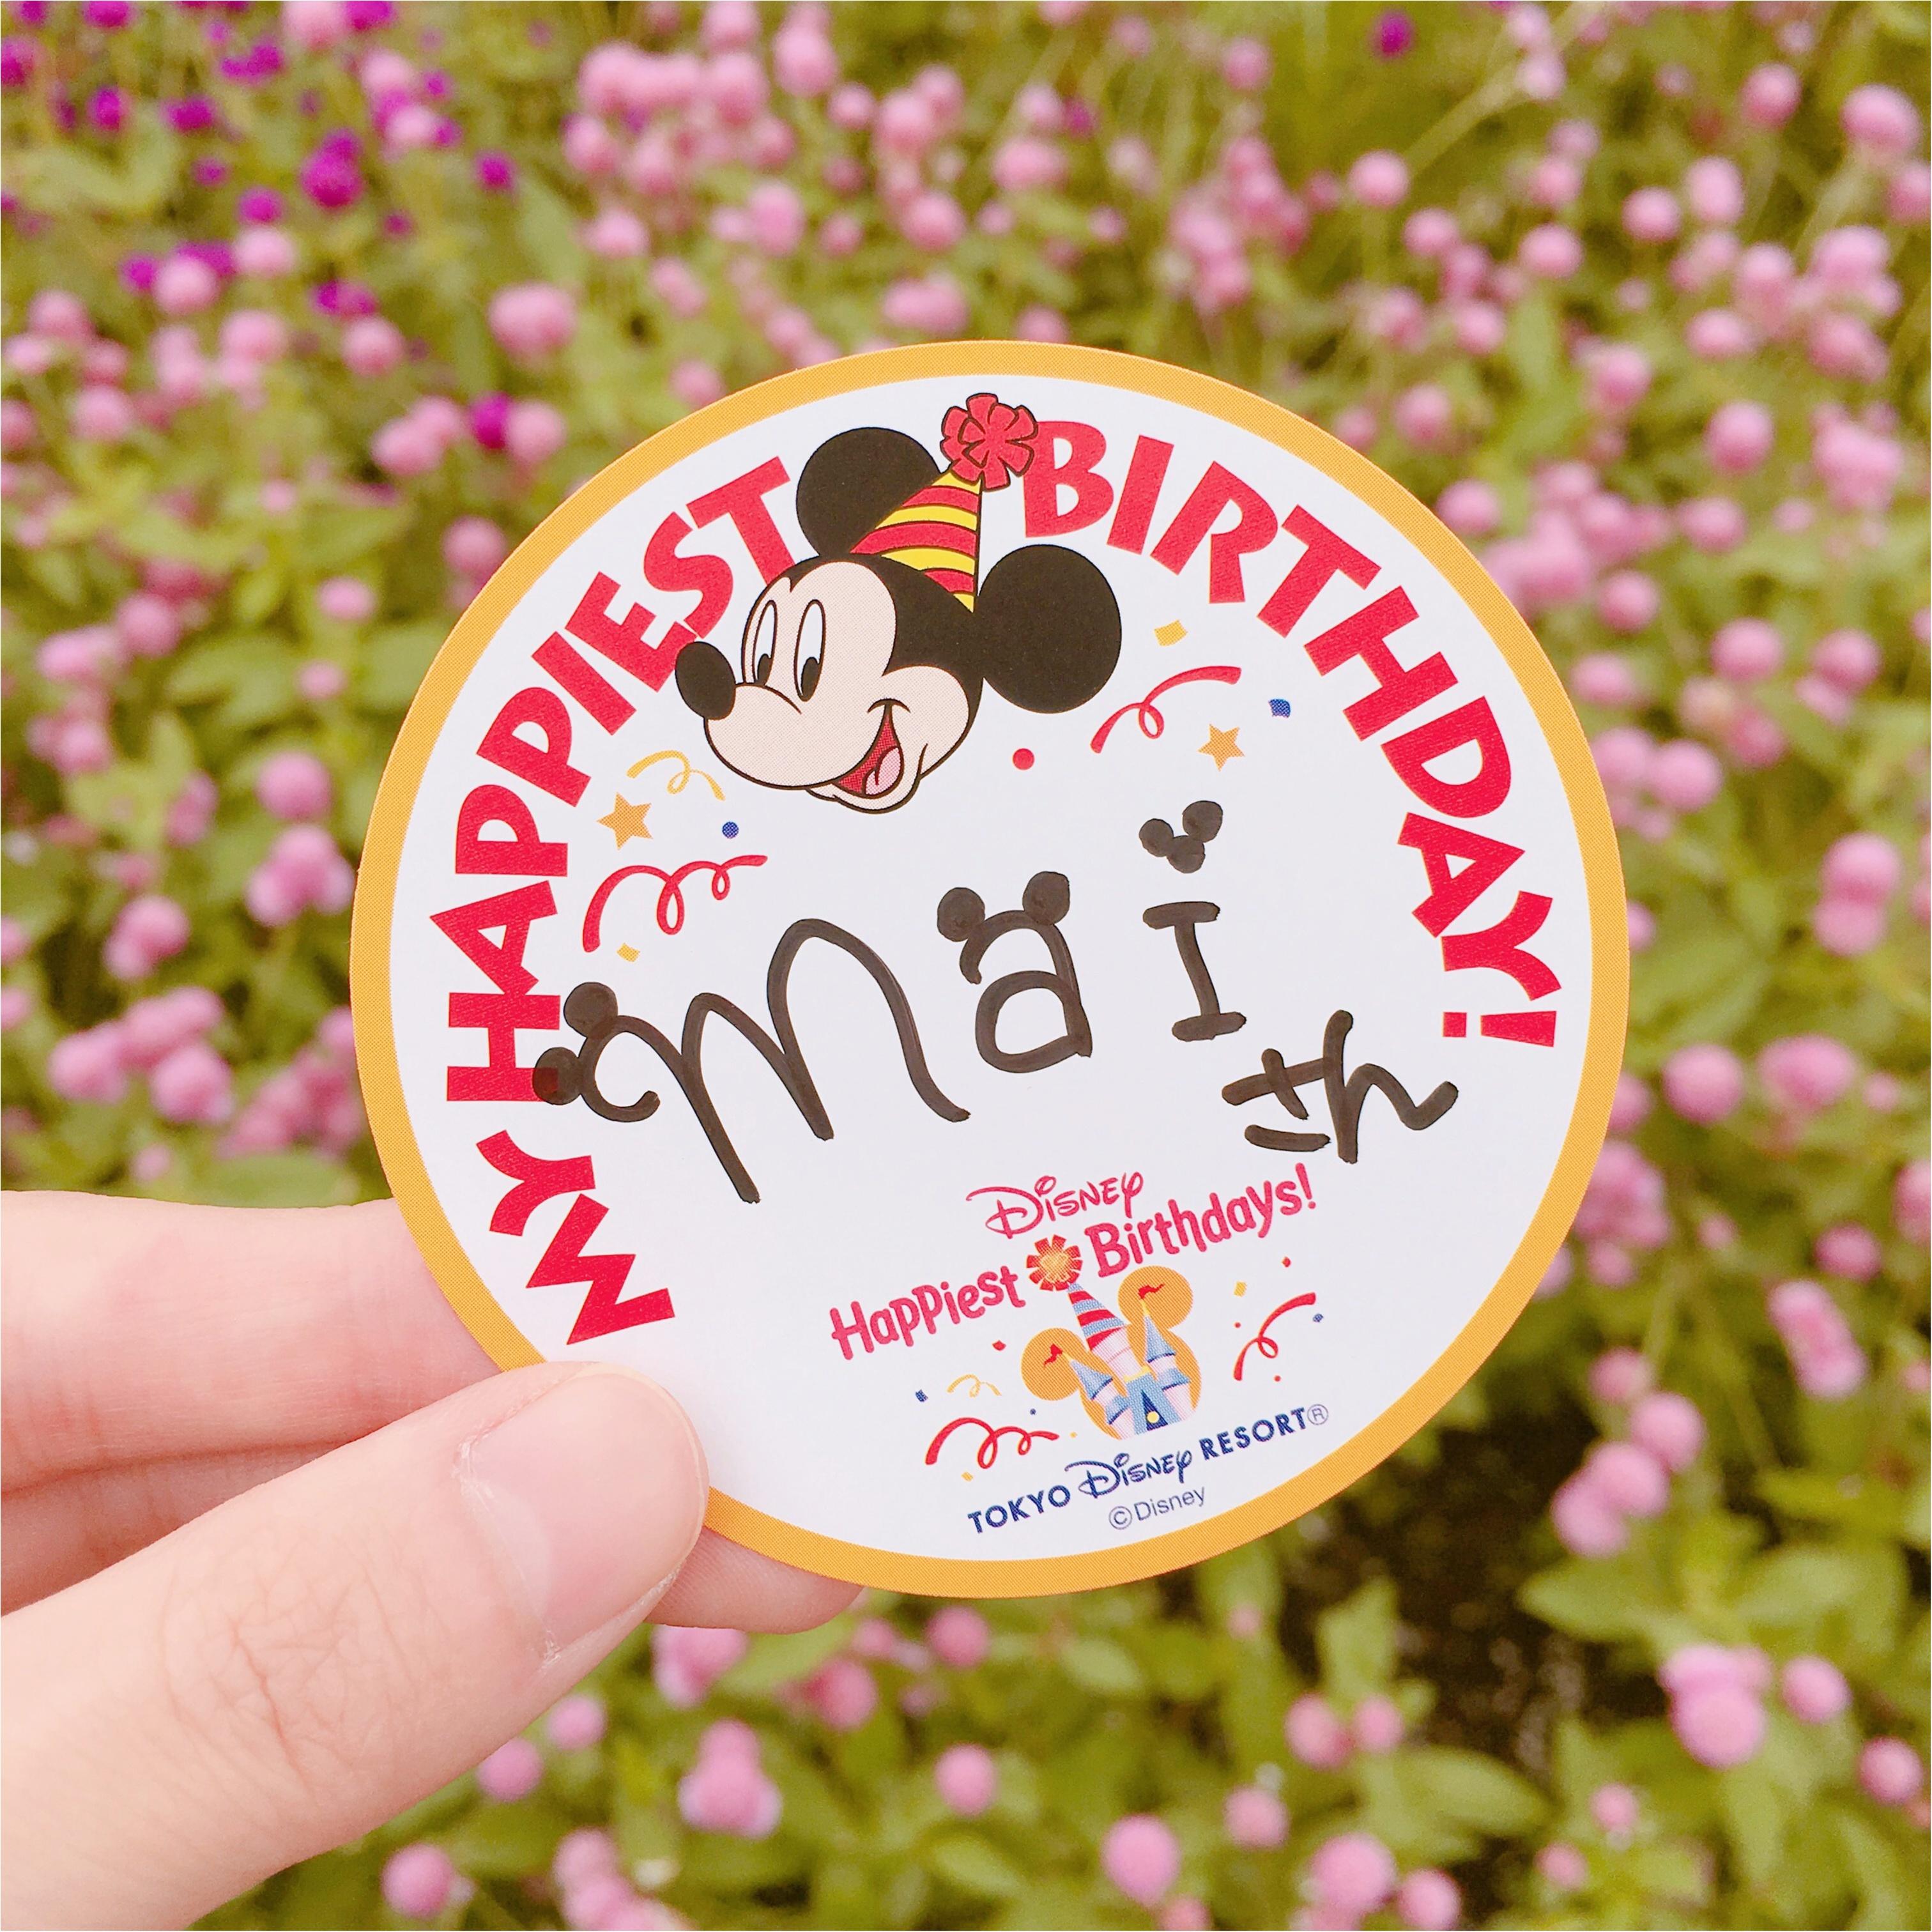 お誕生日特典 ♪ ディズニーでもらえる 《 バースデーシール 》で特別な一日に♡♡_1